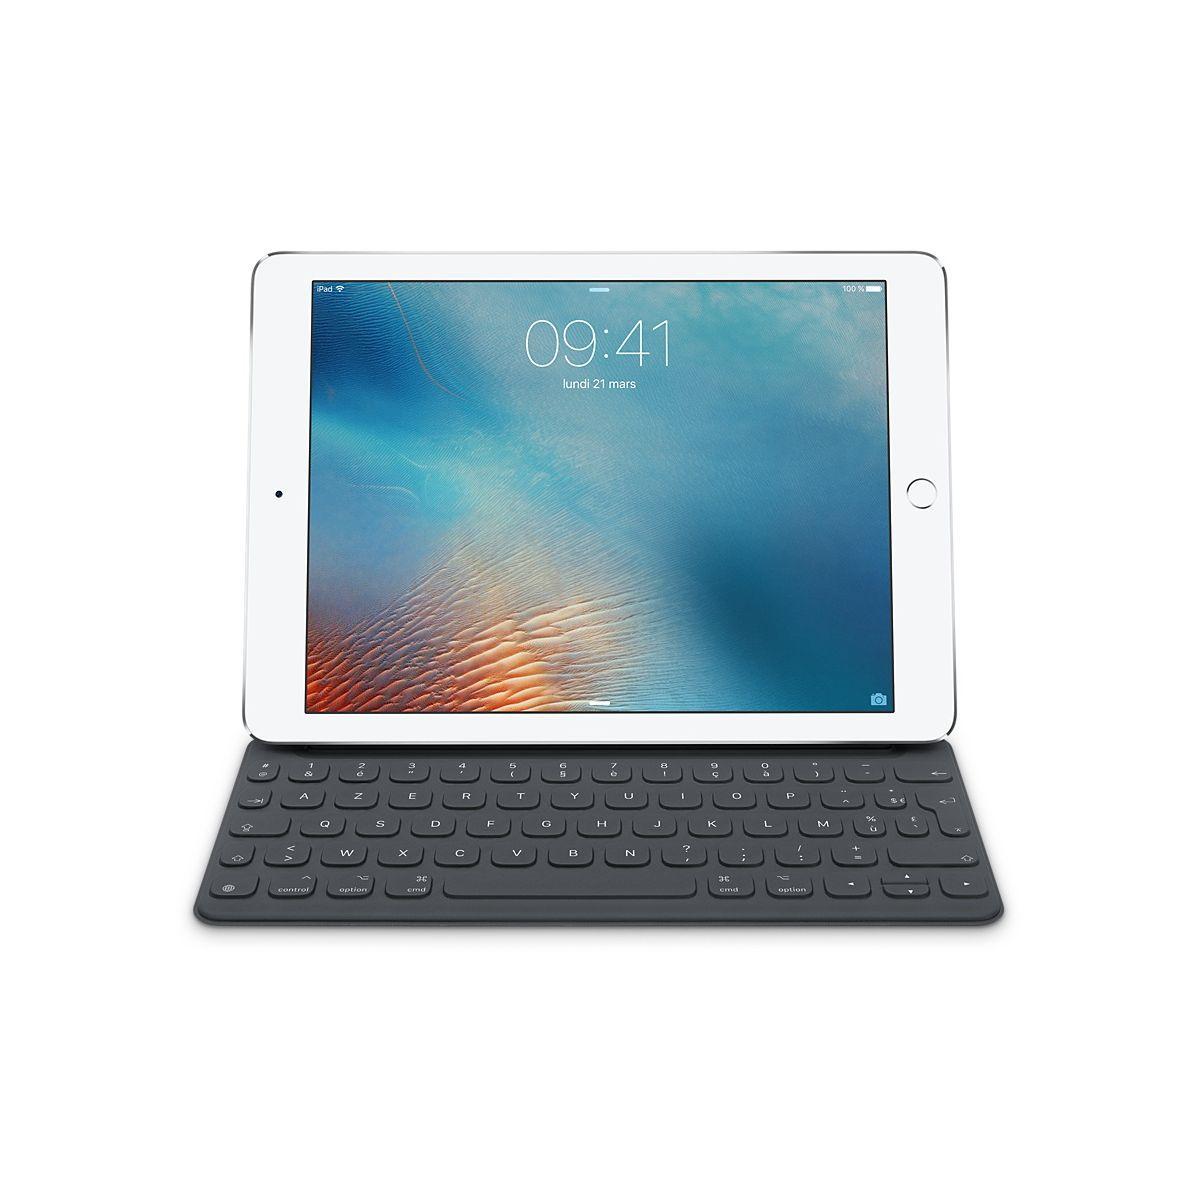 Clavier apple ipad pro smart 9